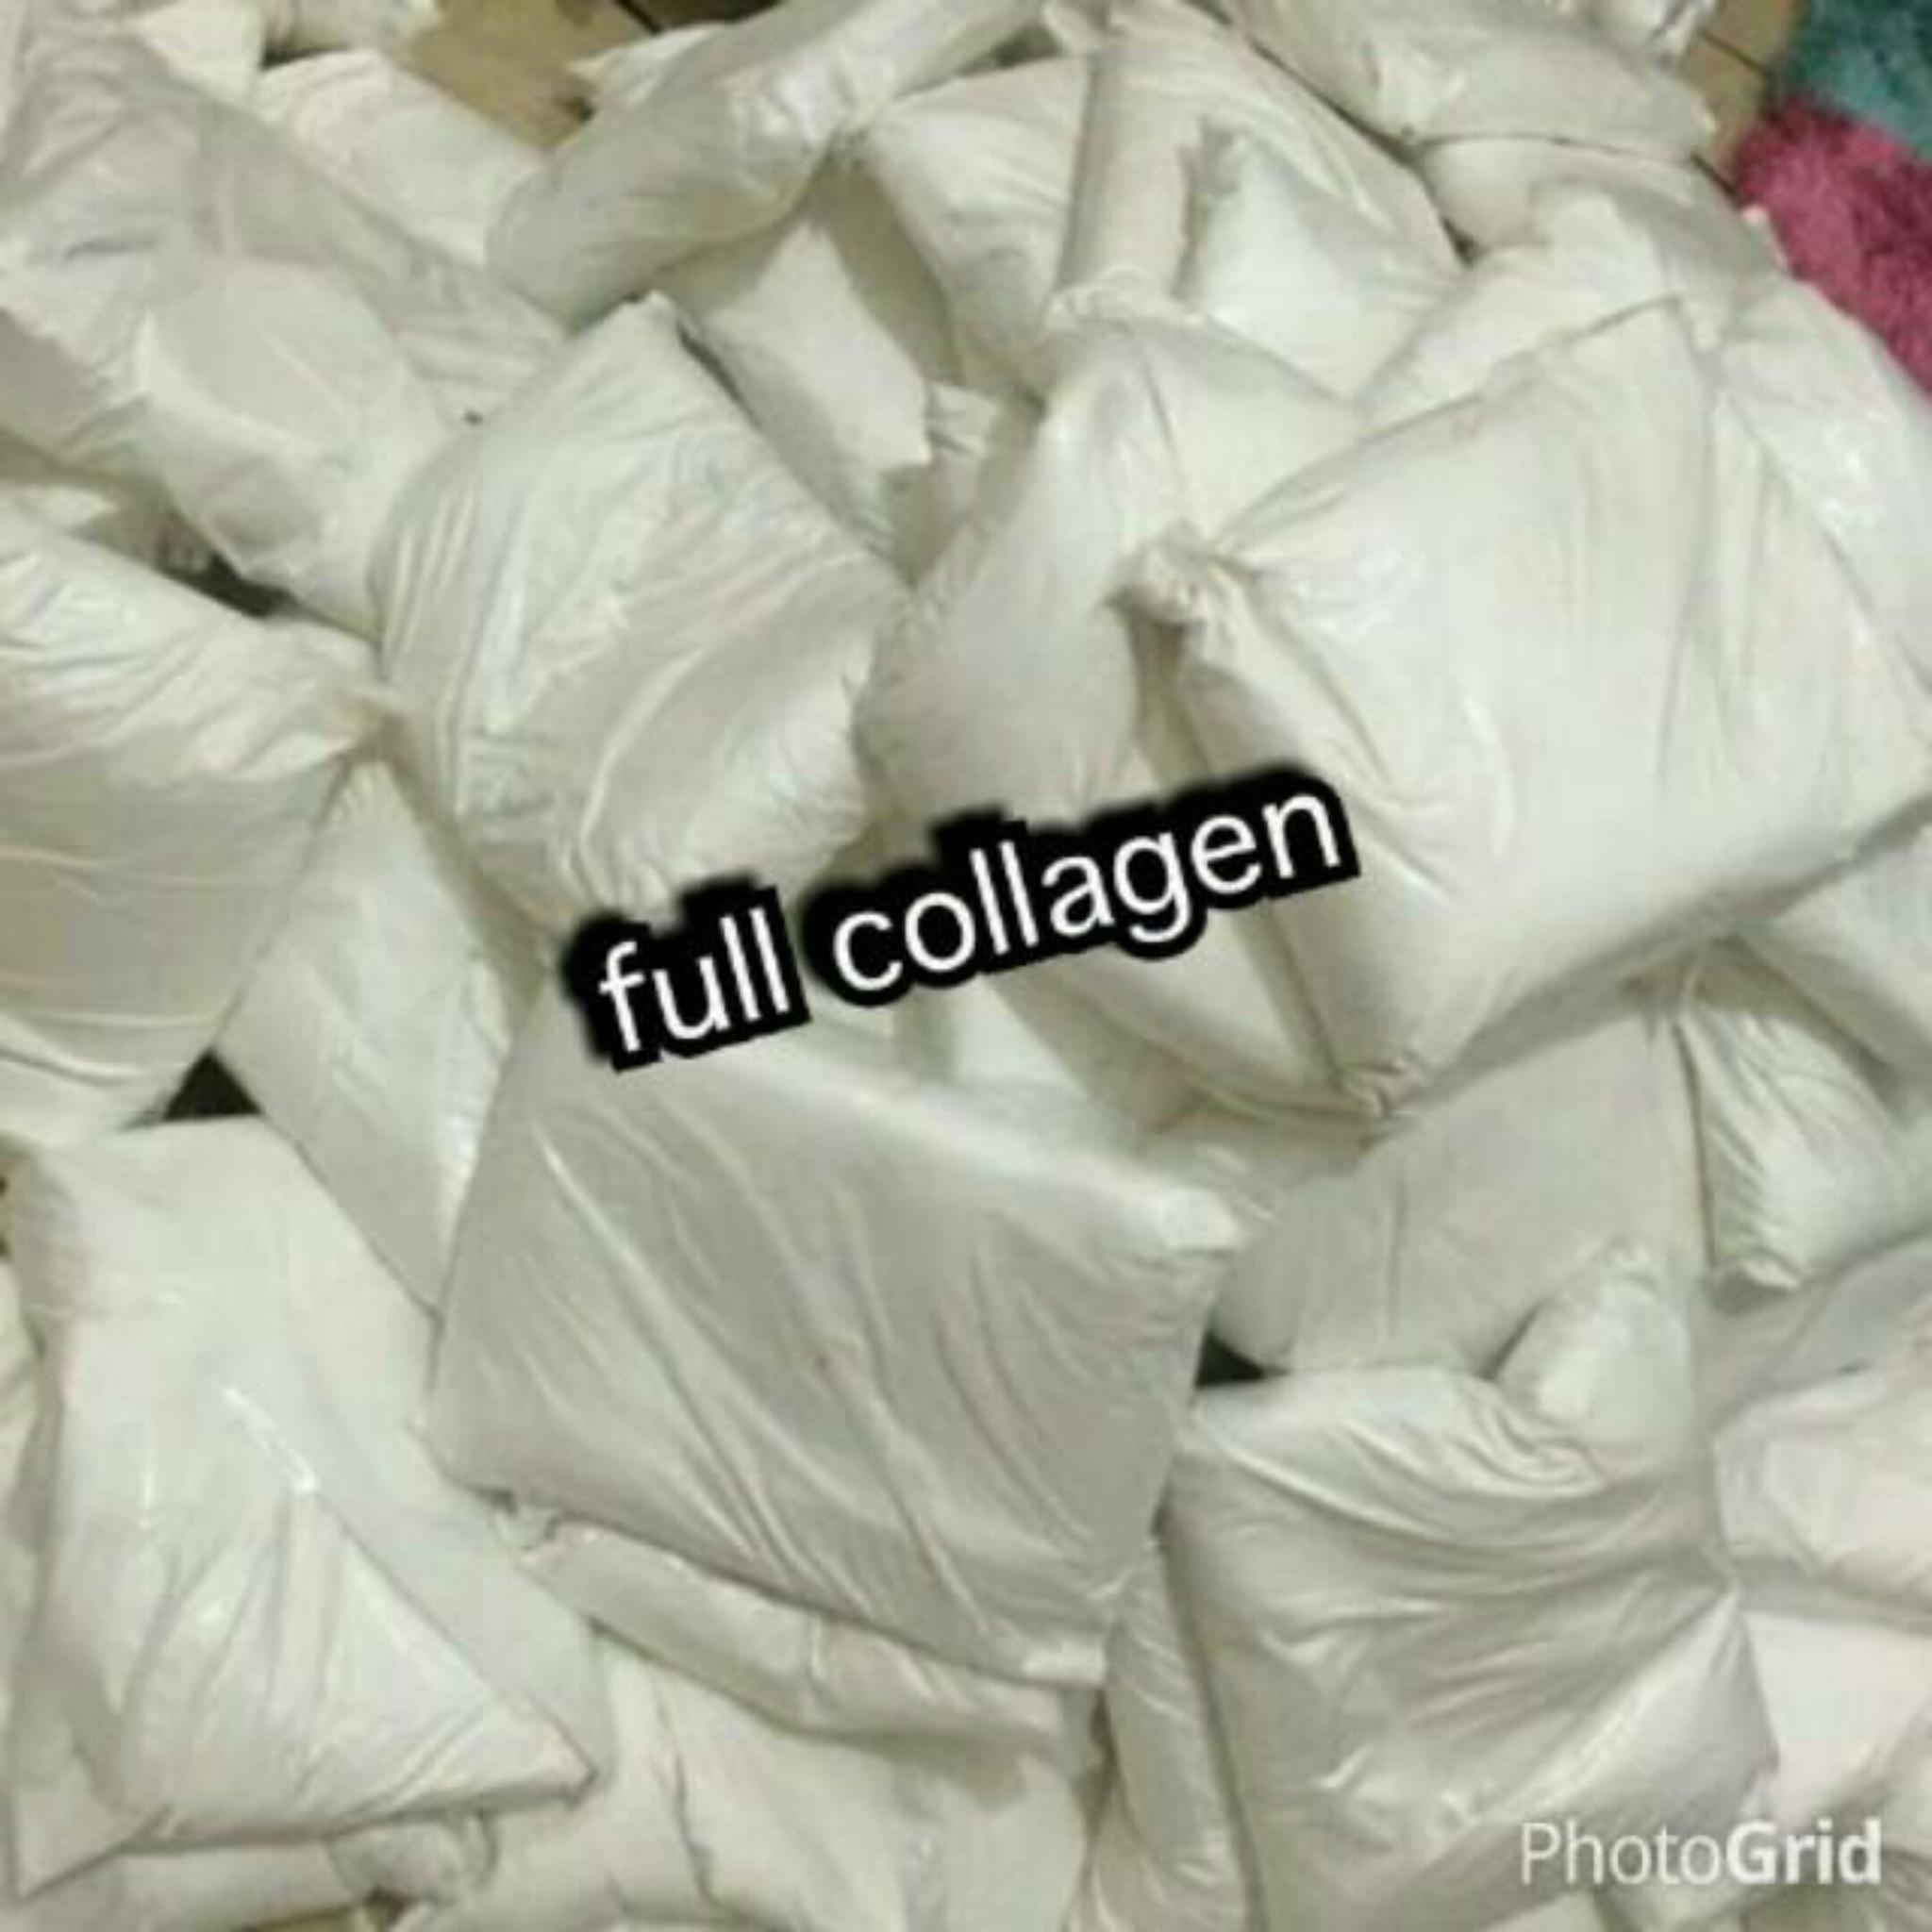 Jual Serbuk Bibit Pemutih Full Collagen 1kg Miss Beauty07 Tokopedia Colagen